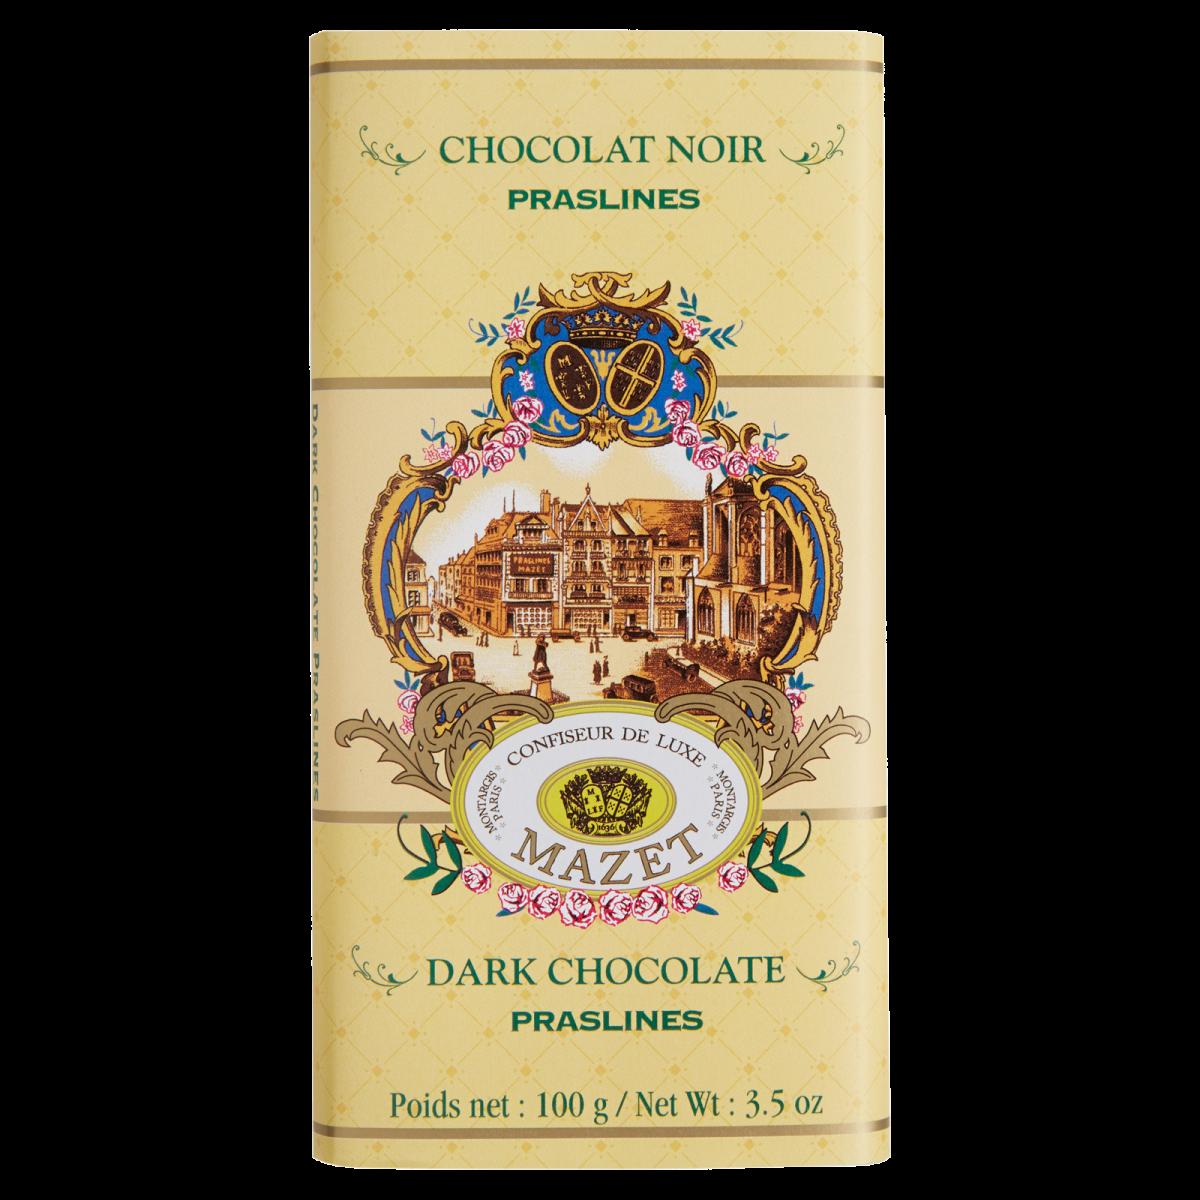 Tablettes de Chocolat - Tablette noir Praslines (pralines)...